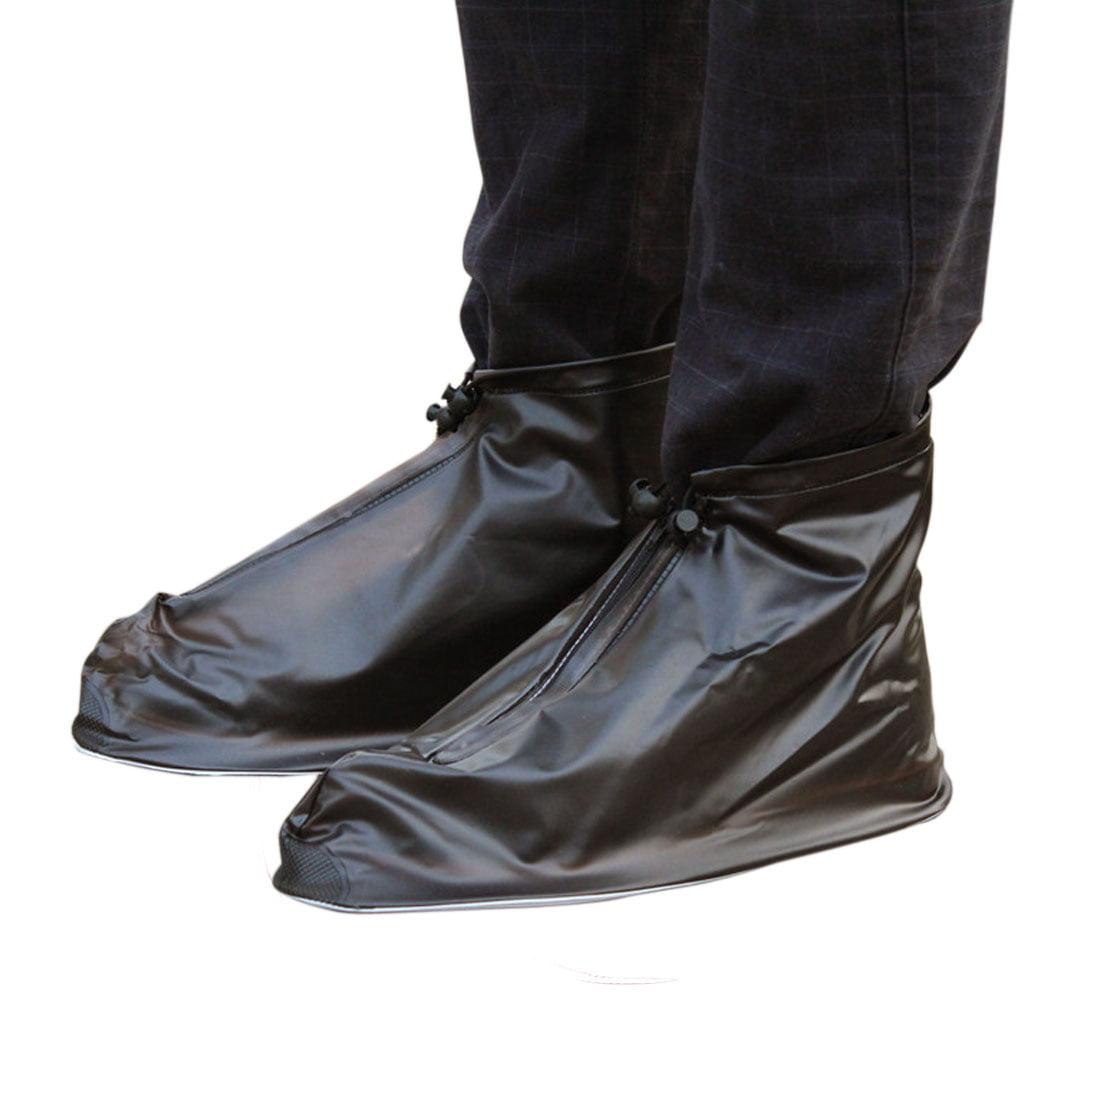 Pair Coffee Color Size XXL PVC Nonslip Reusable Rain Shoes Cover Guard Overshoes by Unique Bargins